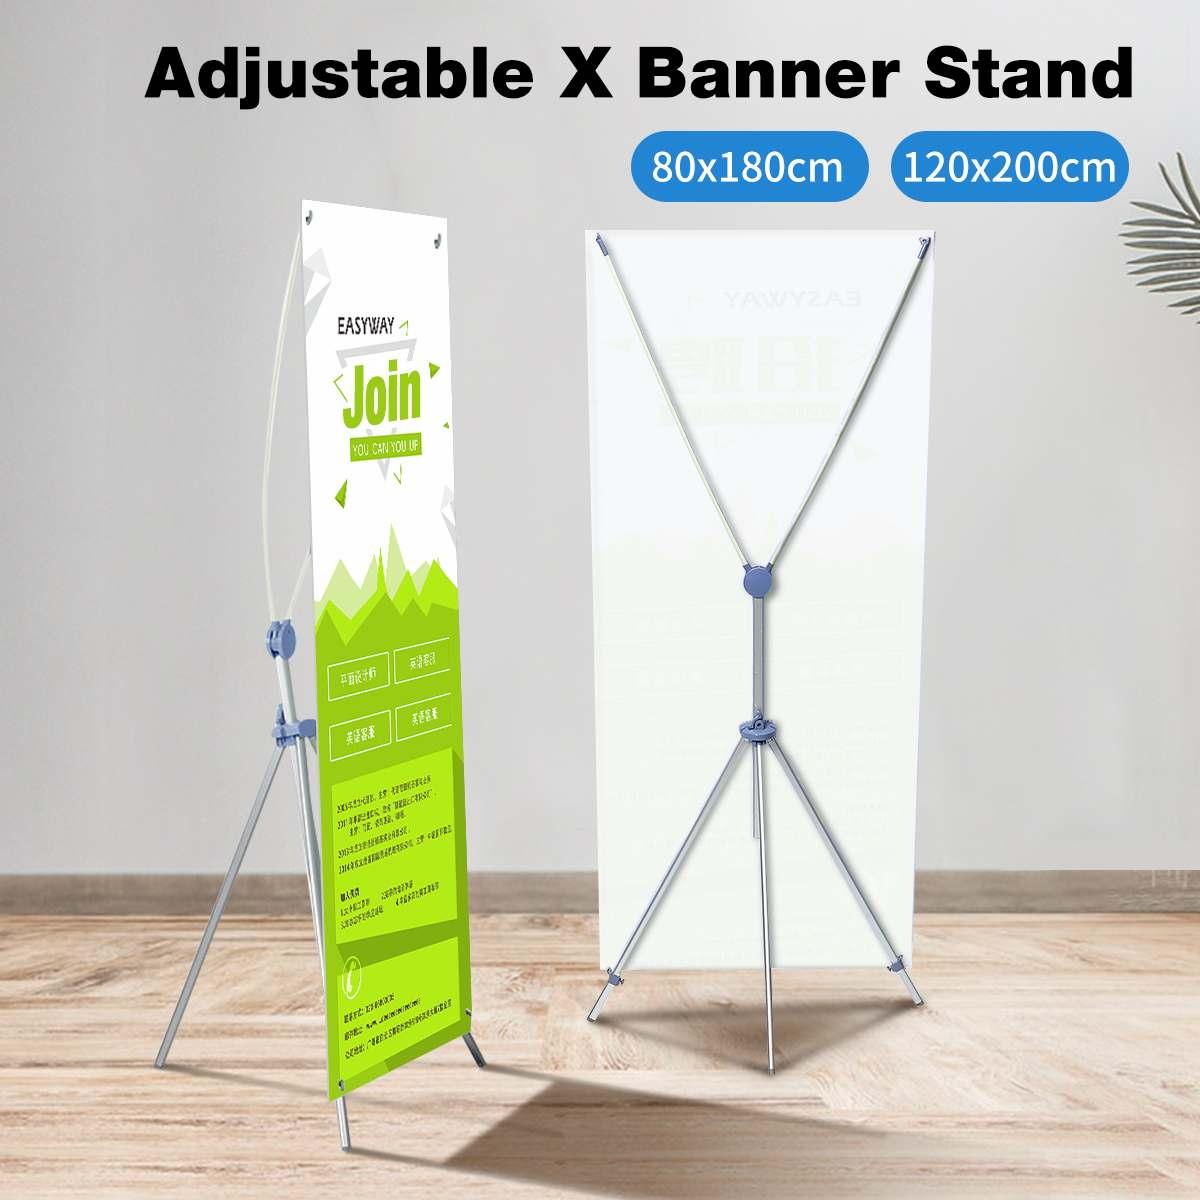 80*180cm/120*200cm Adjustable Tripod X Banner Stand+Travel Bag Trade Show Presentation Poster Holder Wedding Event Display Rack